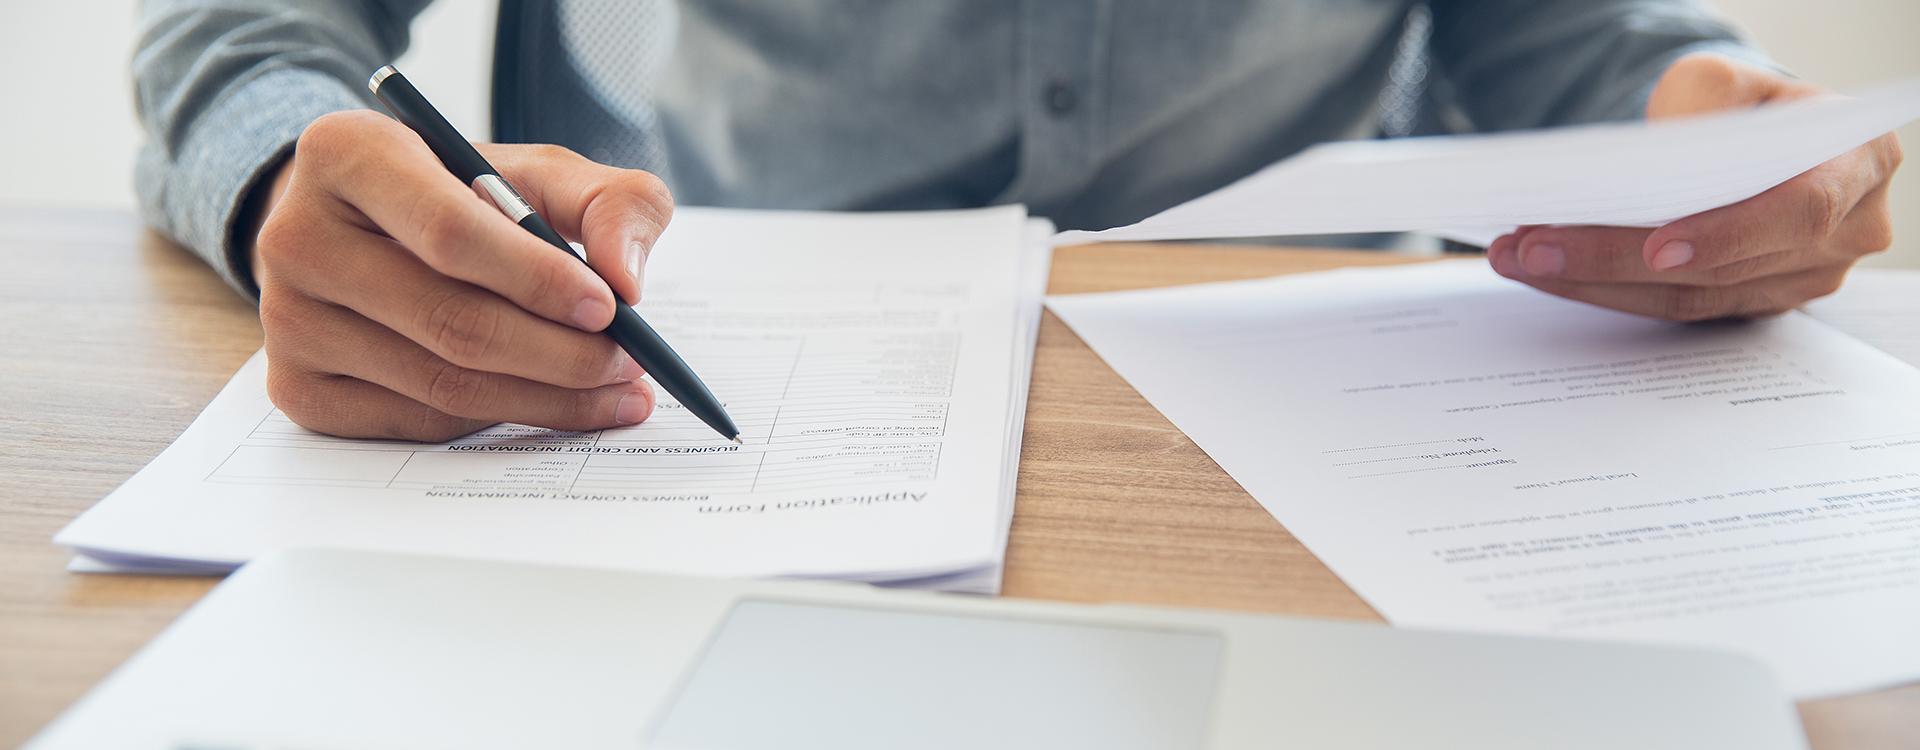 Rechtshilfe und Rechtsberatung